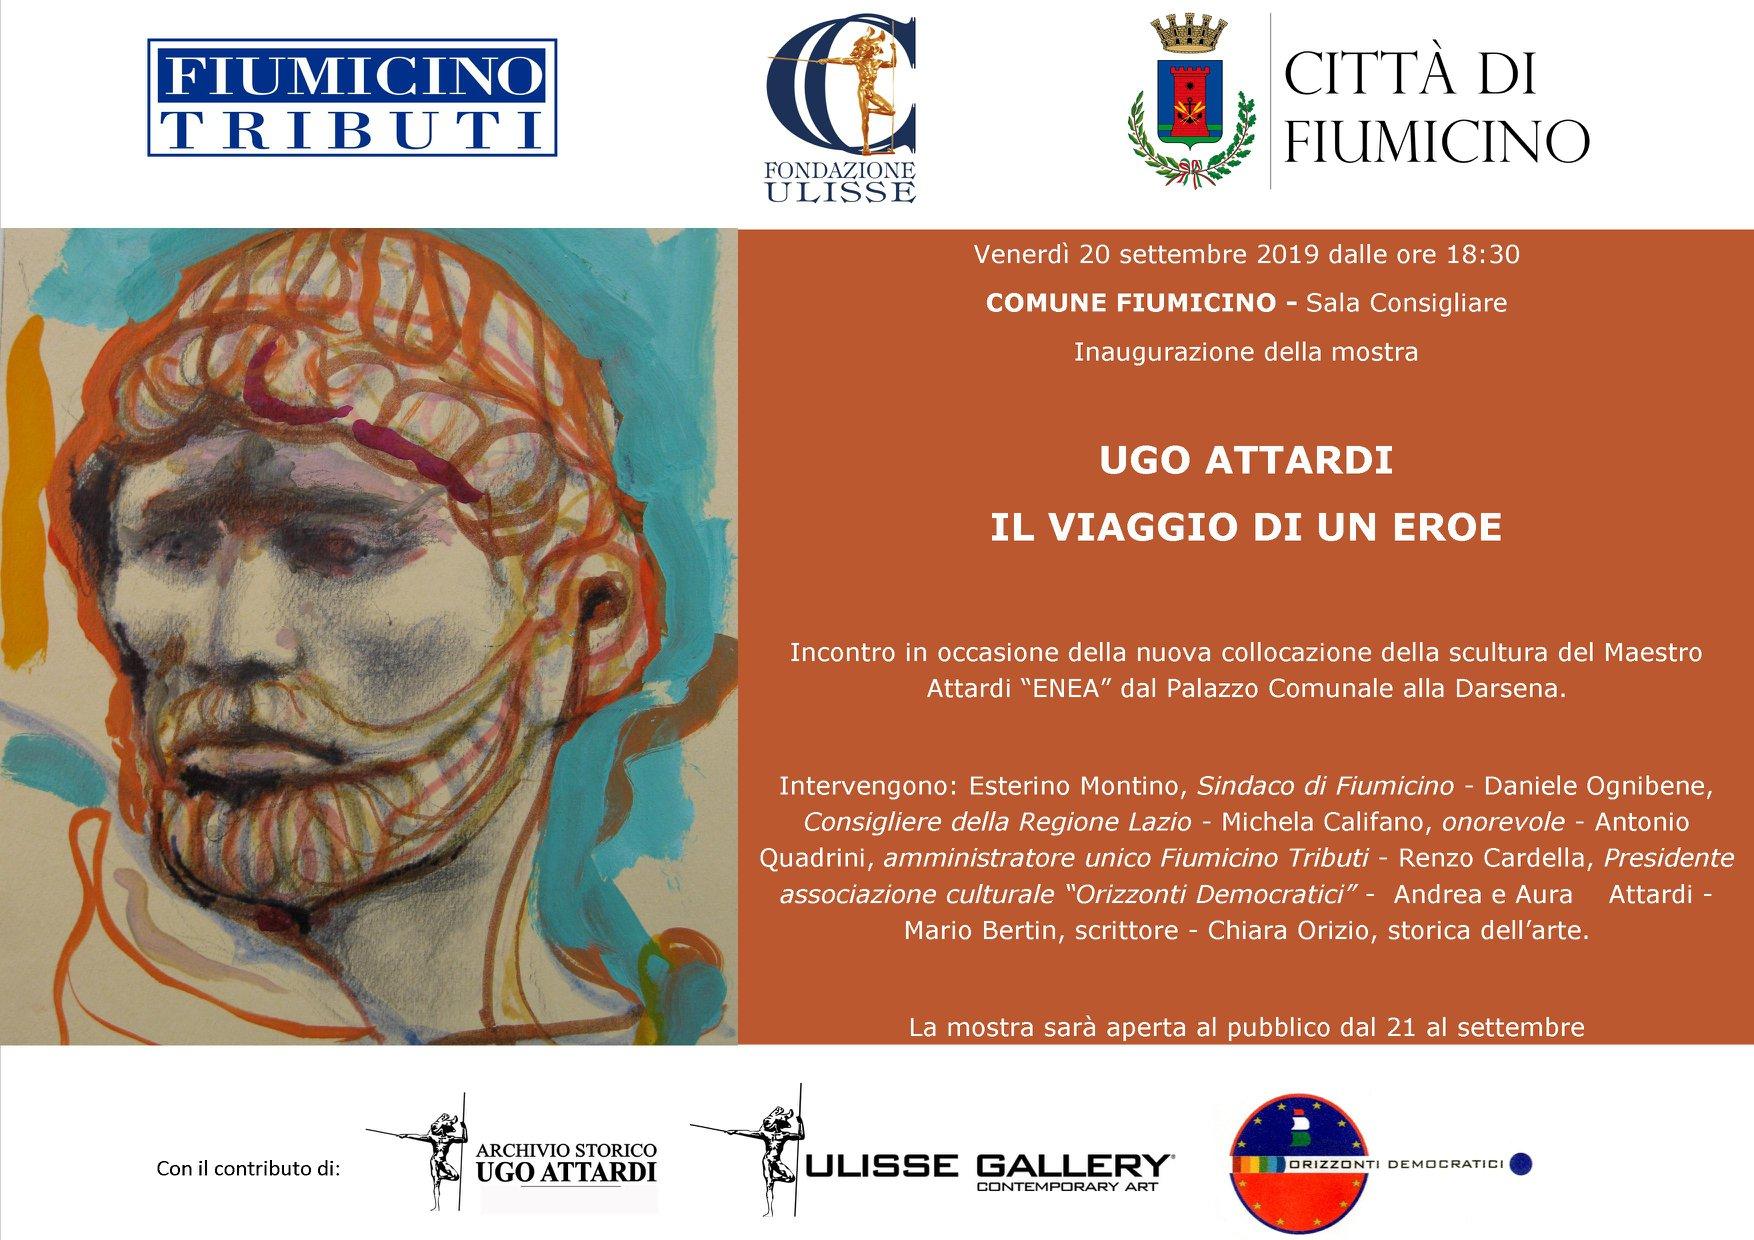 """Fiumicino, """"Ugo Attardi, Il viaggio dell'eroe"""": la mostra"""